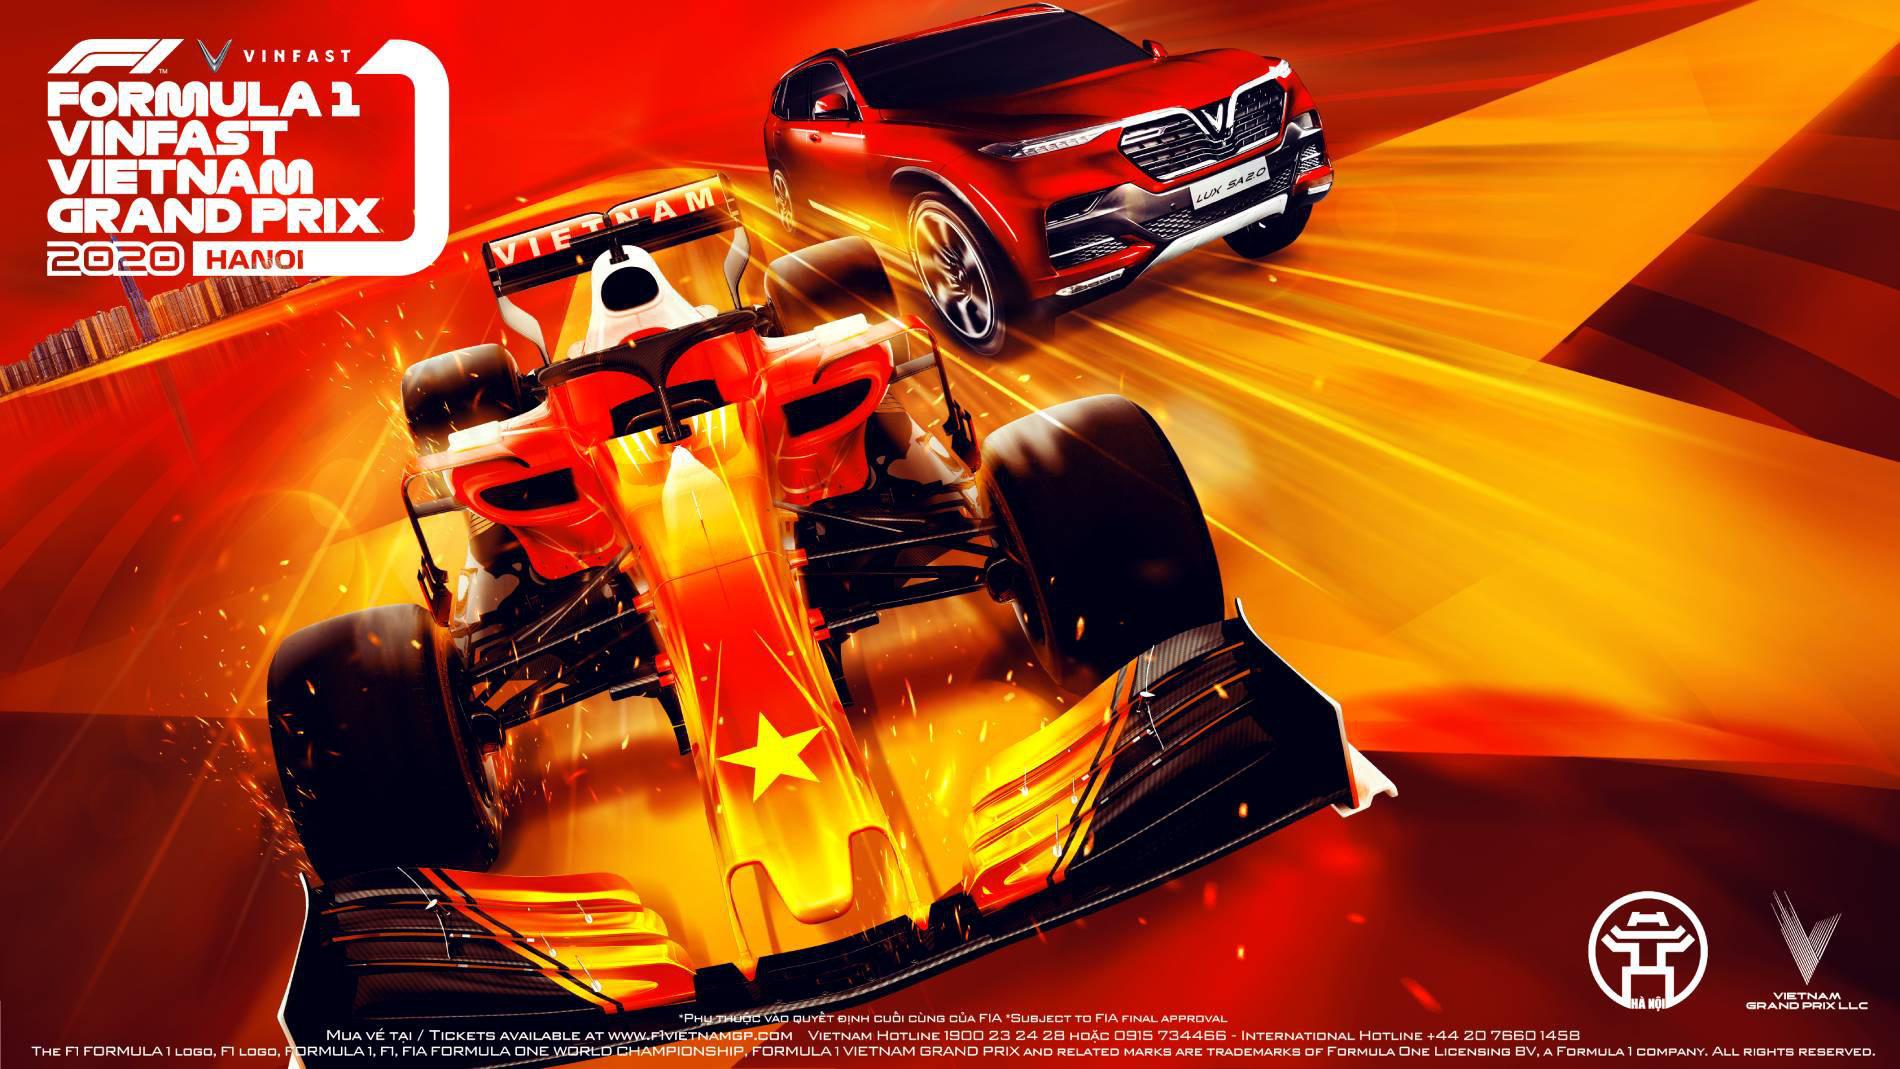 Chính thức hoãn chặng đua F1 Hà Nội vì dịch Covid - 19 - Ảnh 1.